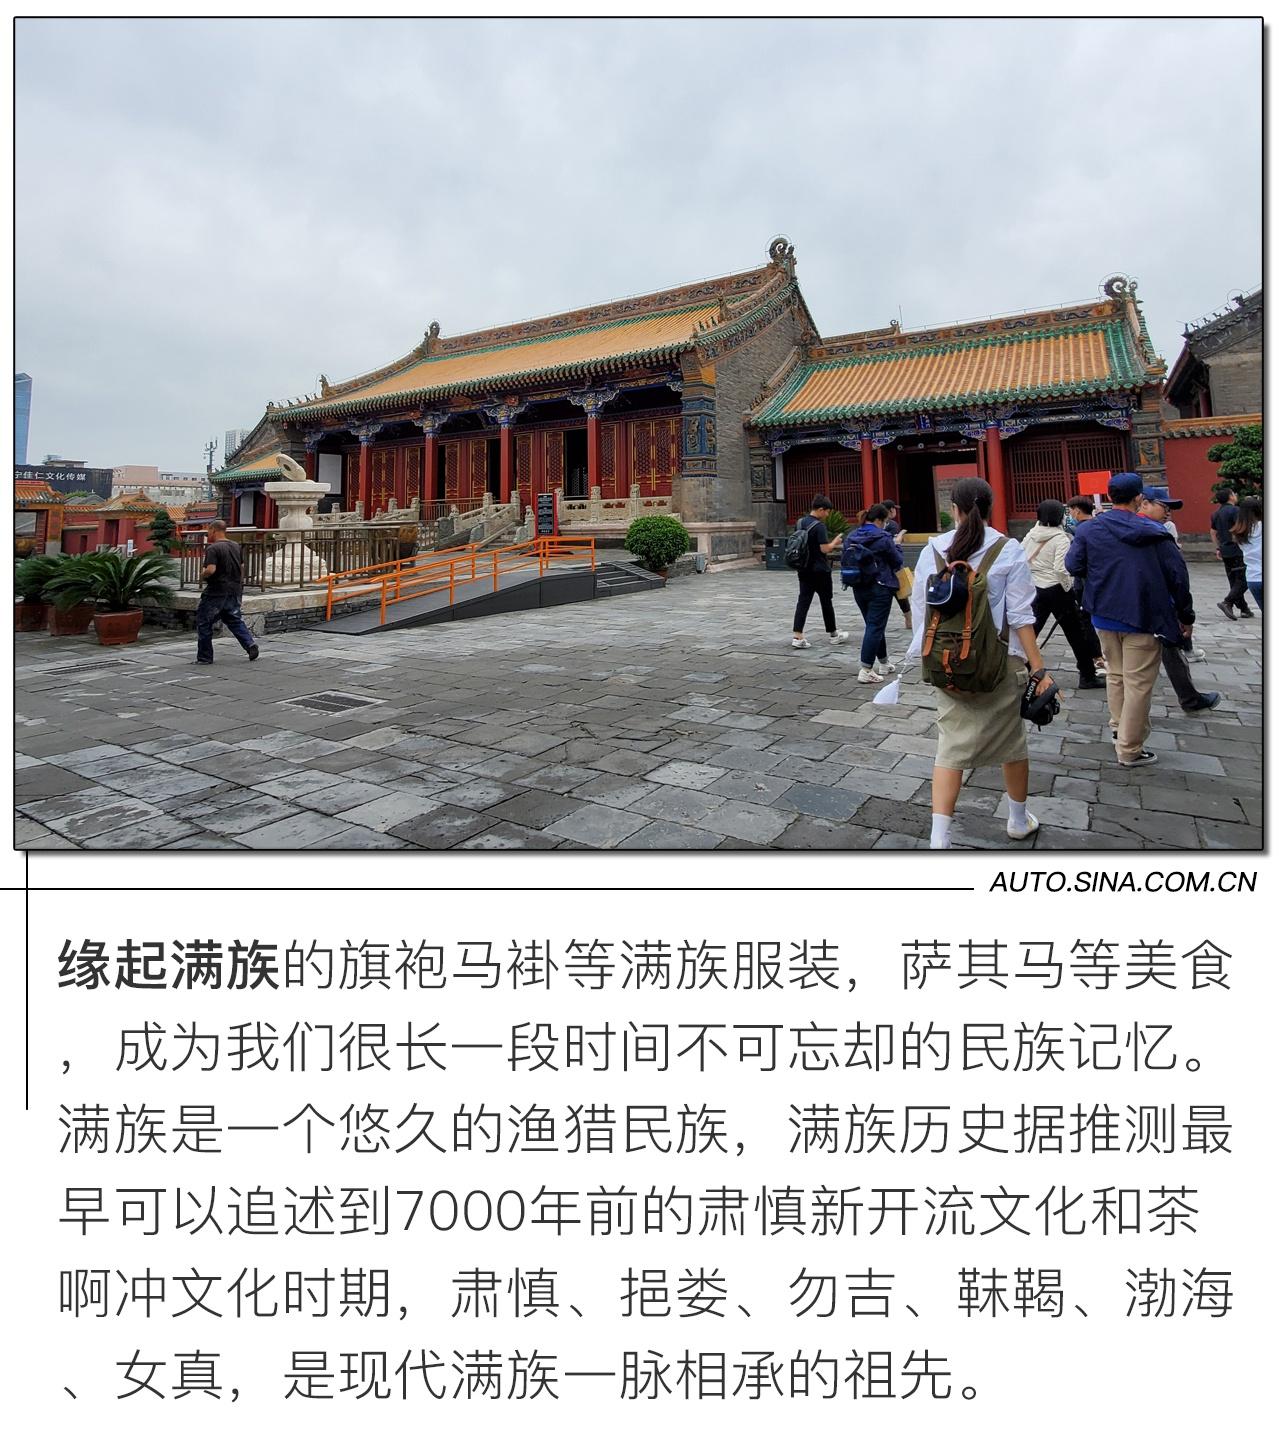 溯源传承振兴 2020 BMW中国文化之旅辽宁非遗探访